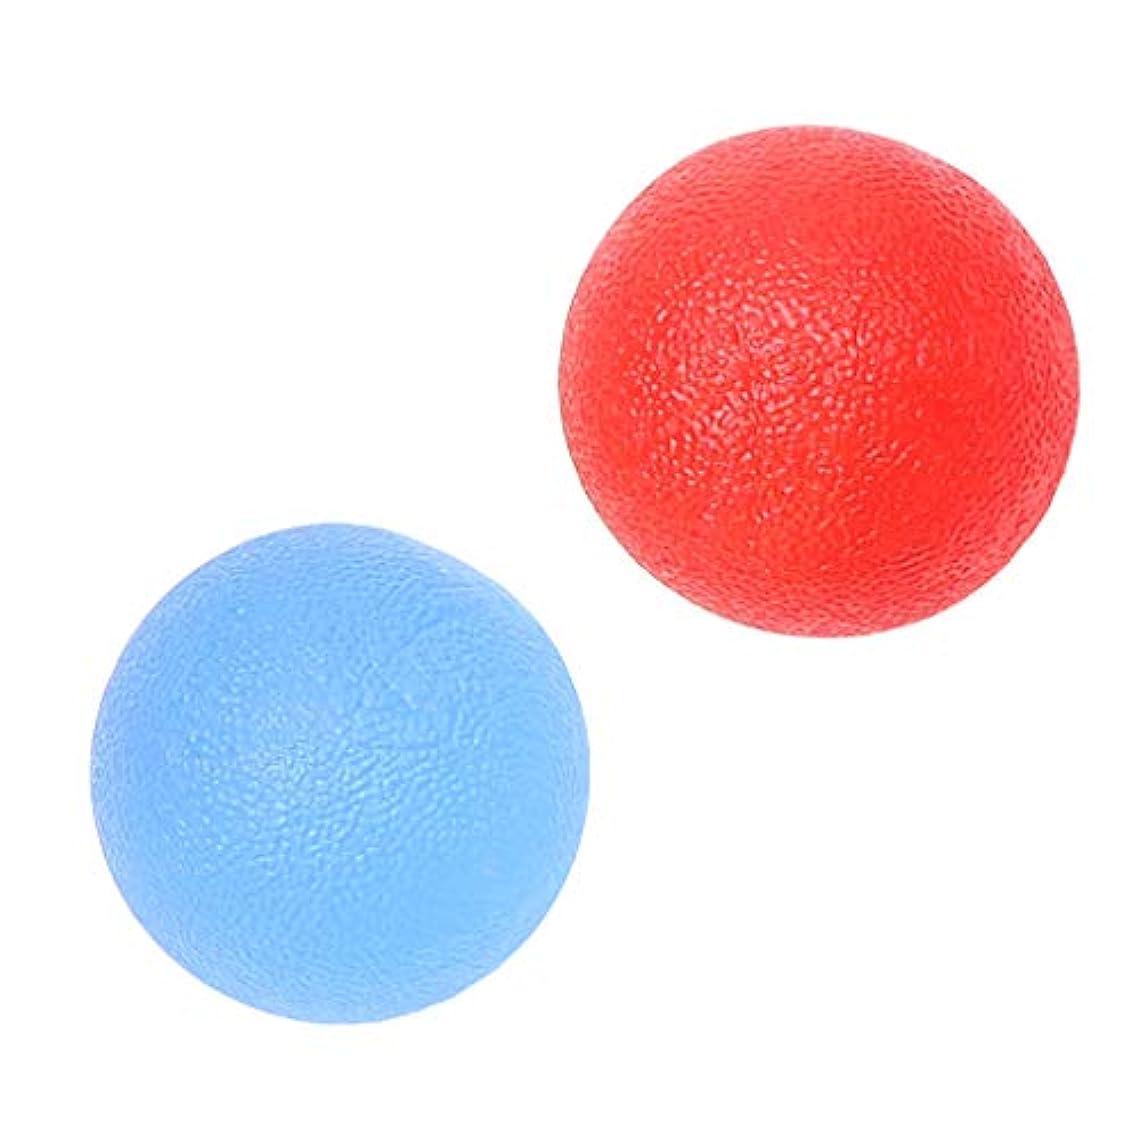 砂漠放課後セットアップCUTICATE 2個 ハンドエクササイズボール ハンドグリップ シリコン 指トレーニング ストレス緩和 減圧 赤/青